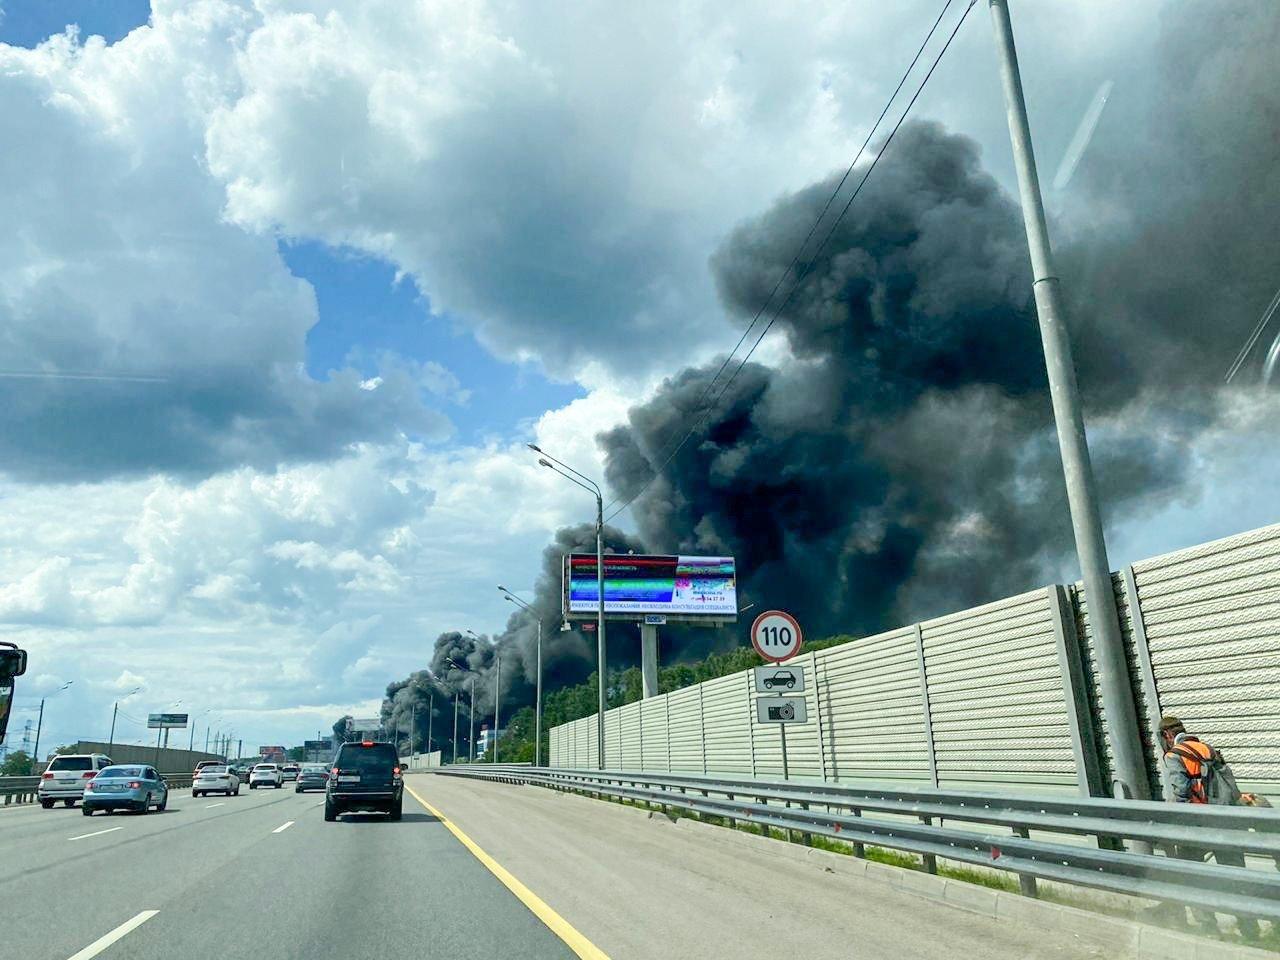 Сильное задымление в районе пожара в городском округе Красногорск